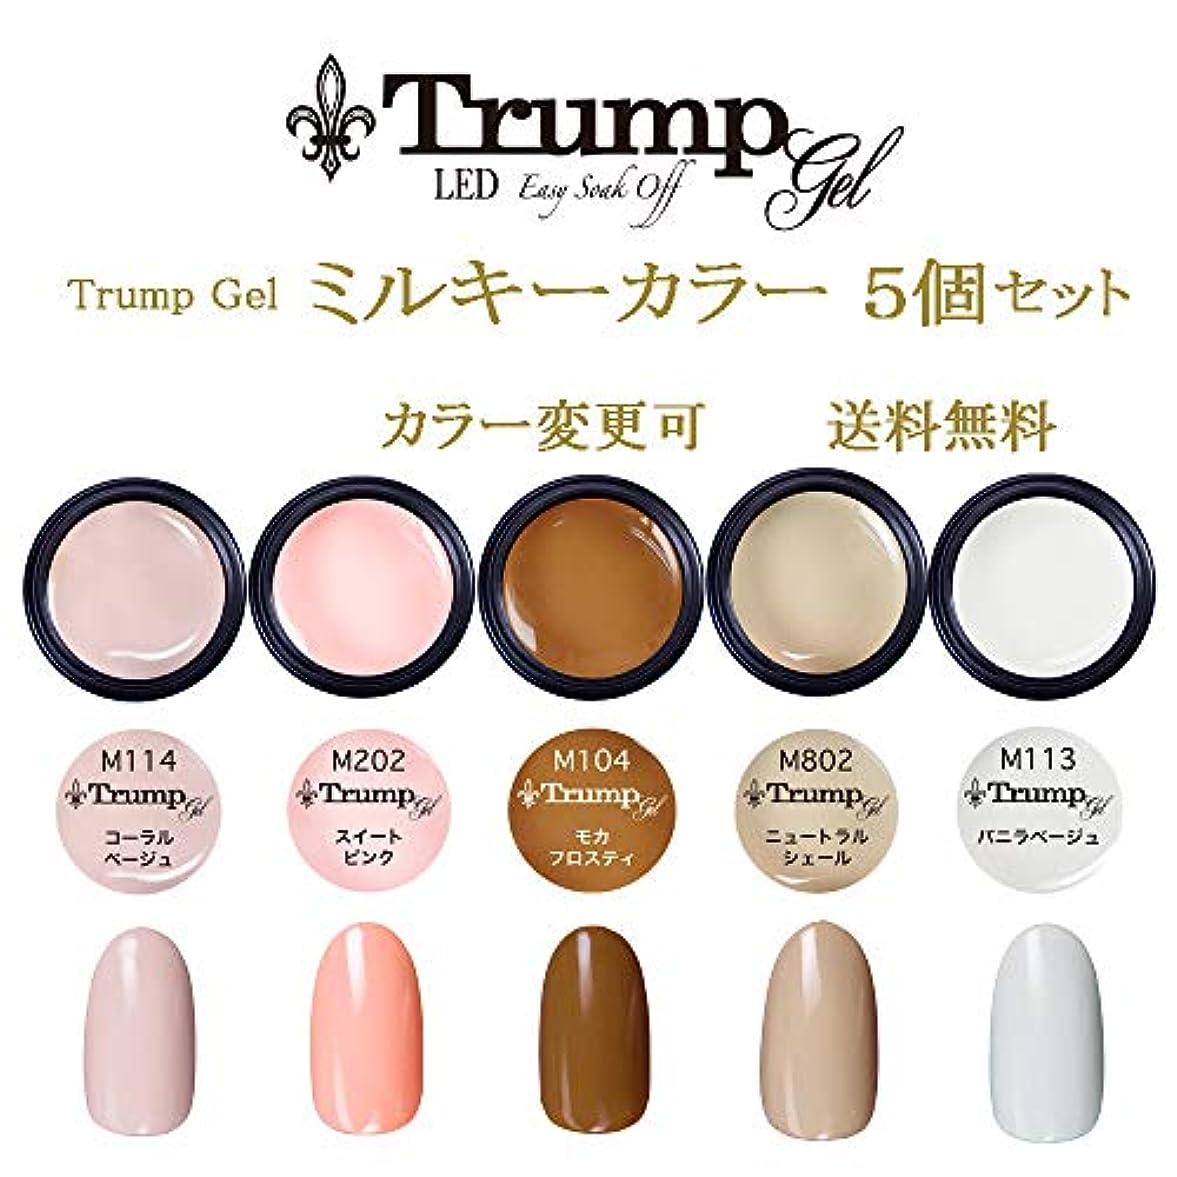 アセンブリ週間以前は【送料無料】日本製 Trump gel トランプジェル ミルキーカラー 選べる カラージェル 5個セット ミルキーネイル ベージュ ピンク ミルキー カラー